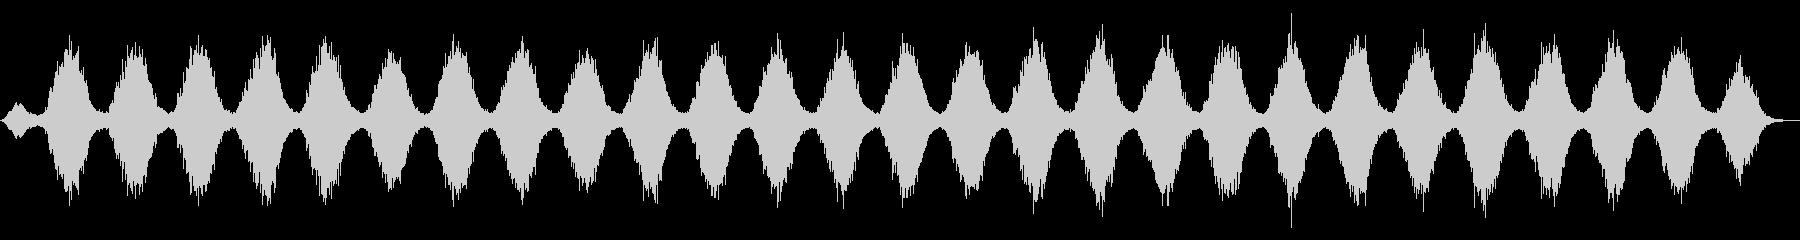 氷のタペストリーのようなアンビエントの未再生の波形